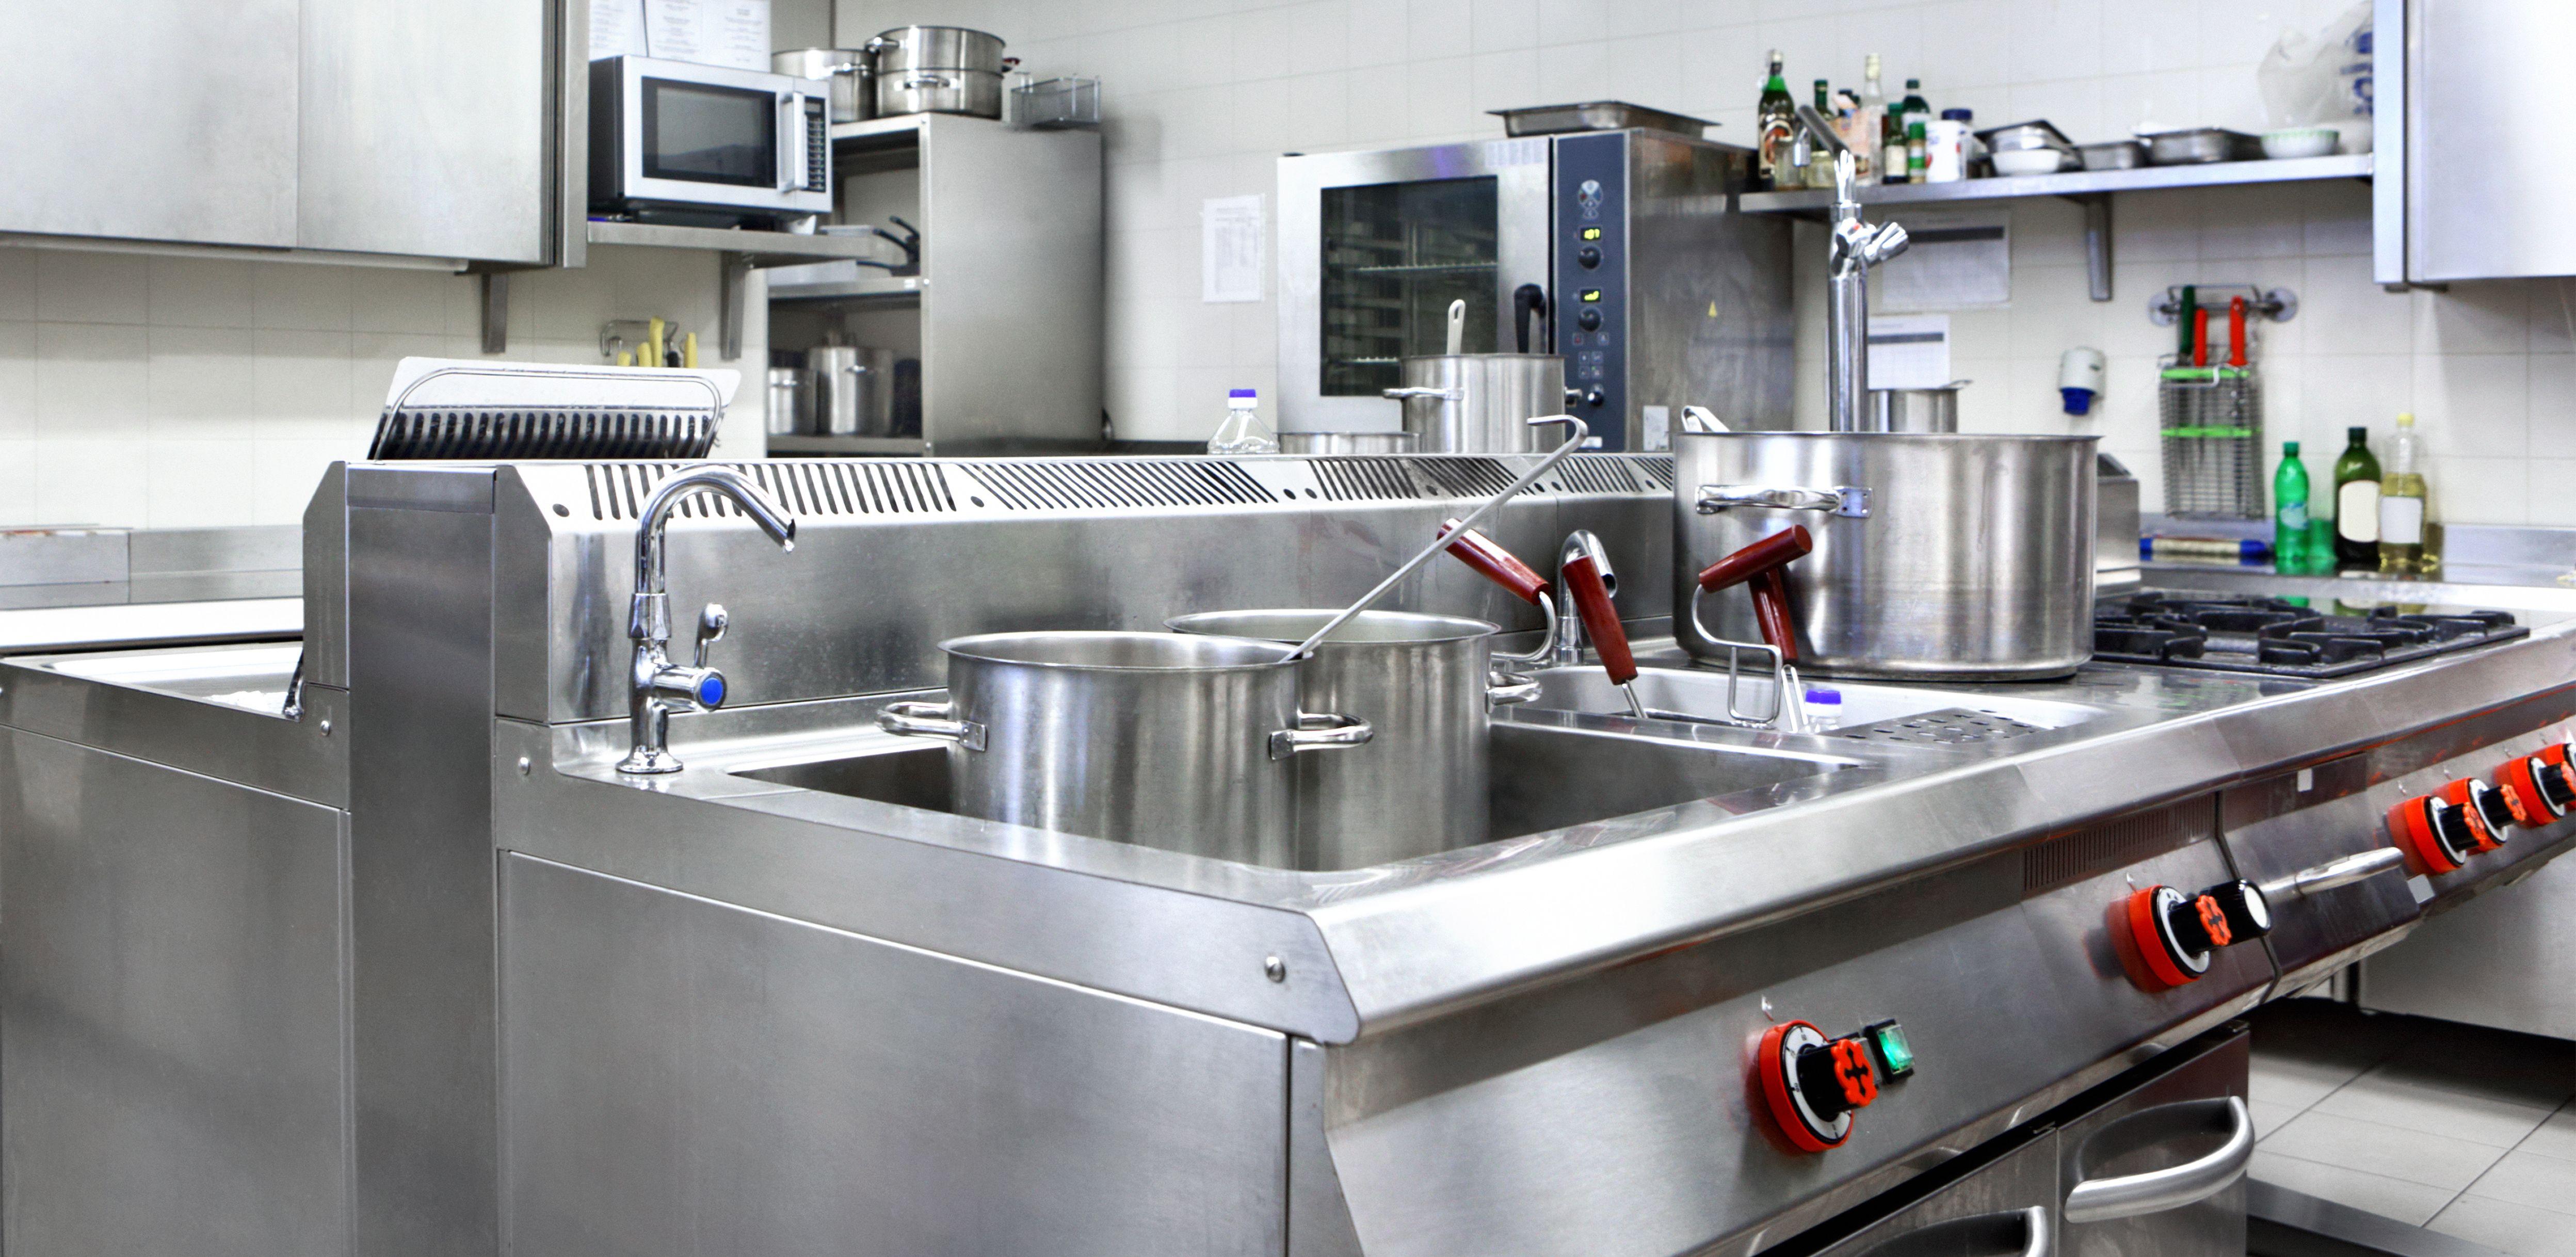 Venta e instalación de cocinas industriales